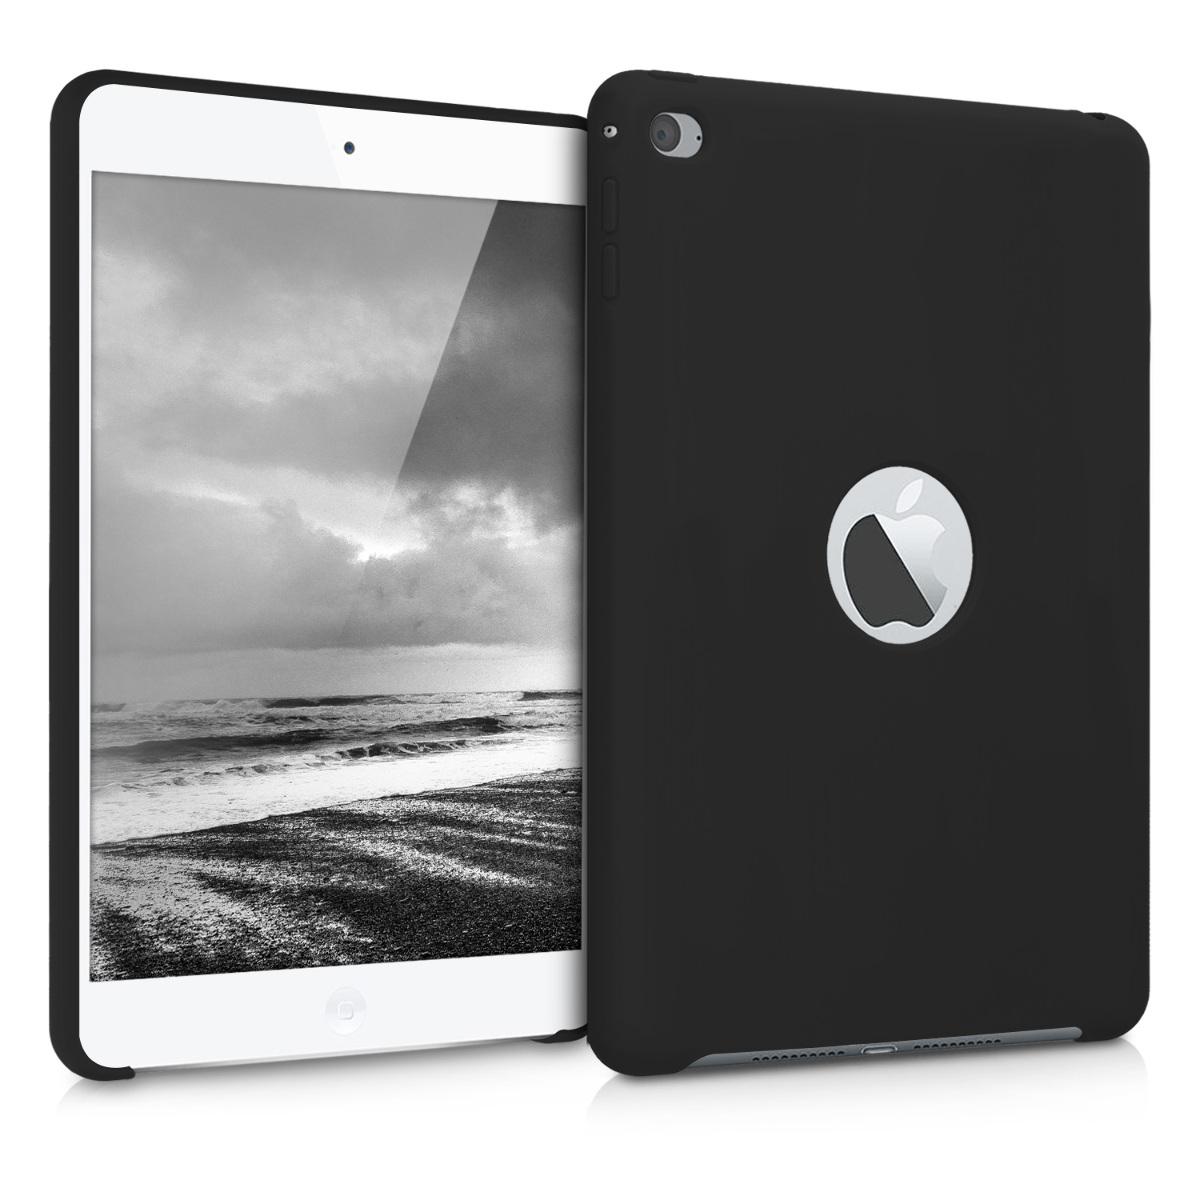 KW Θήκη Σιλικόνης iPad Mini 4 - Black Matte (46862.47)